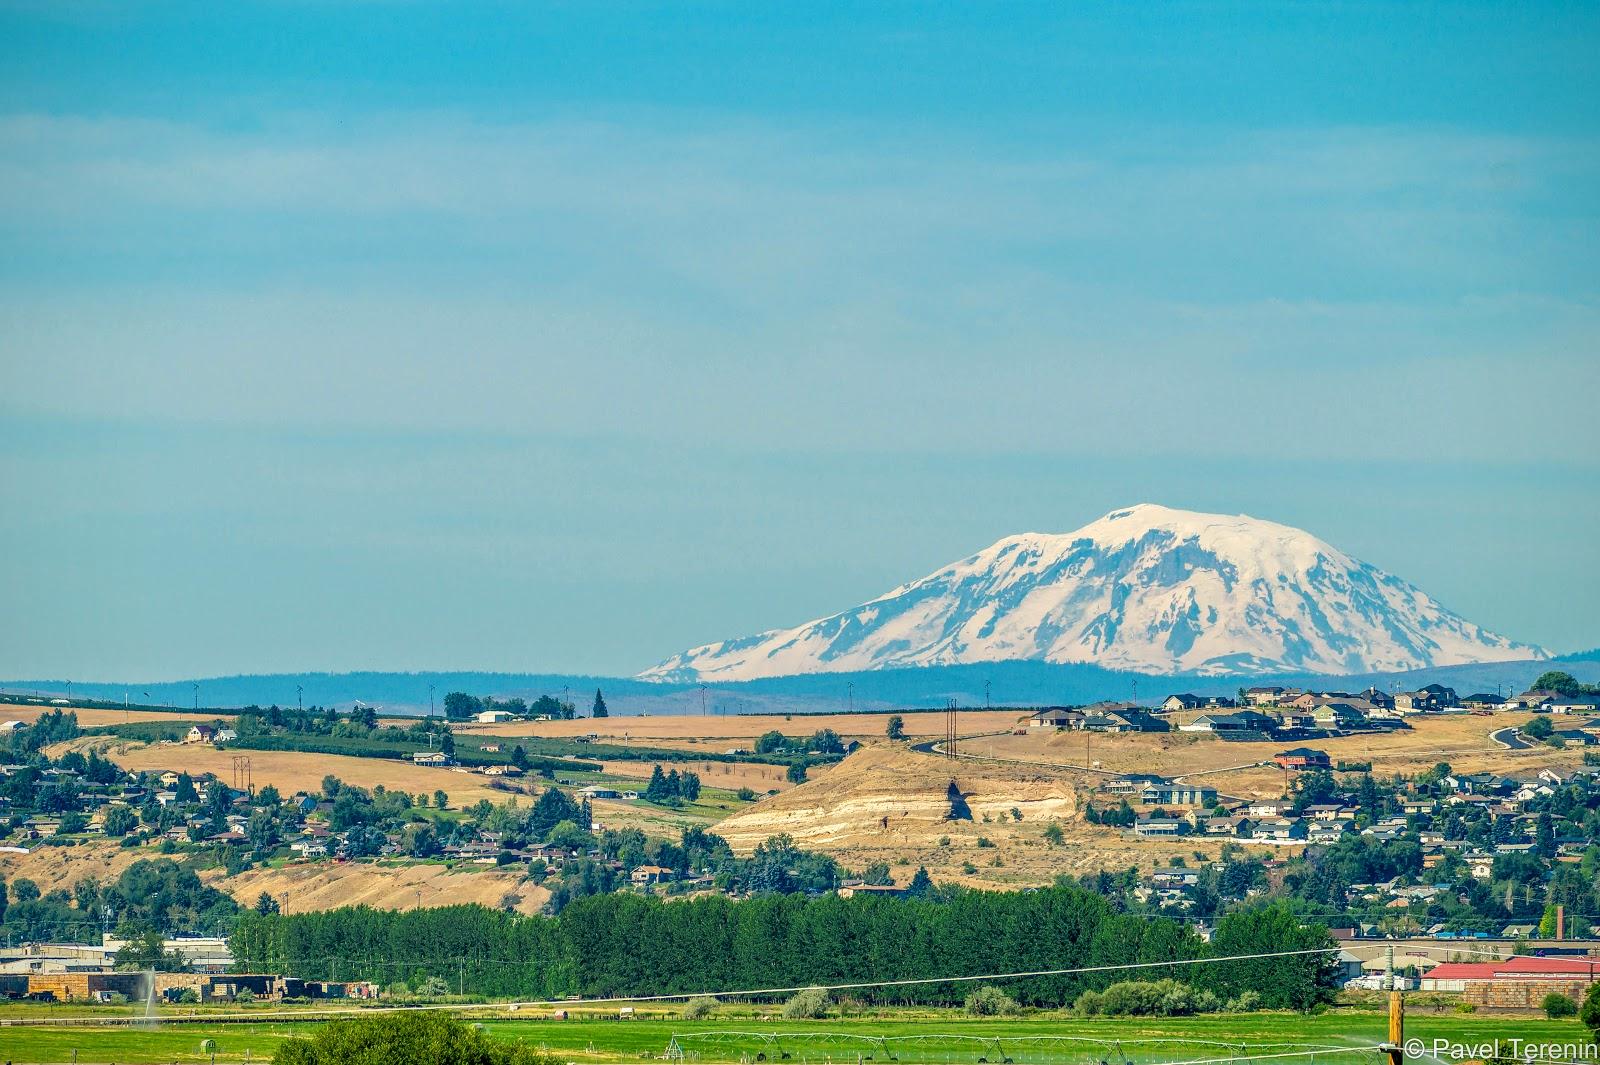 Город со всех сторон окружают бескрайние поля и виноградники. Так же отсюда можно хорошо рассмотреть гору Рейнир.